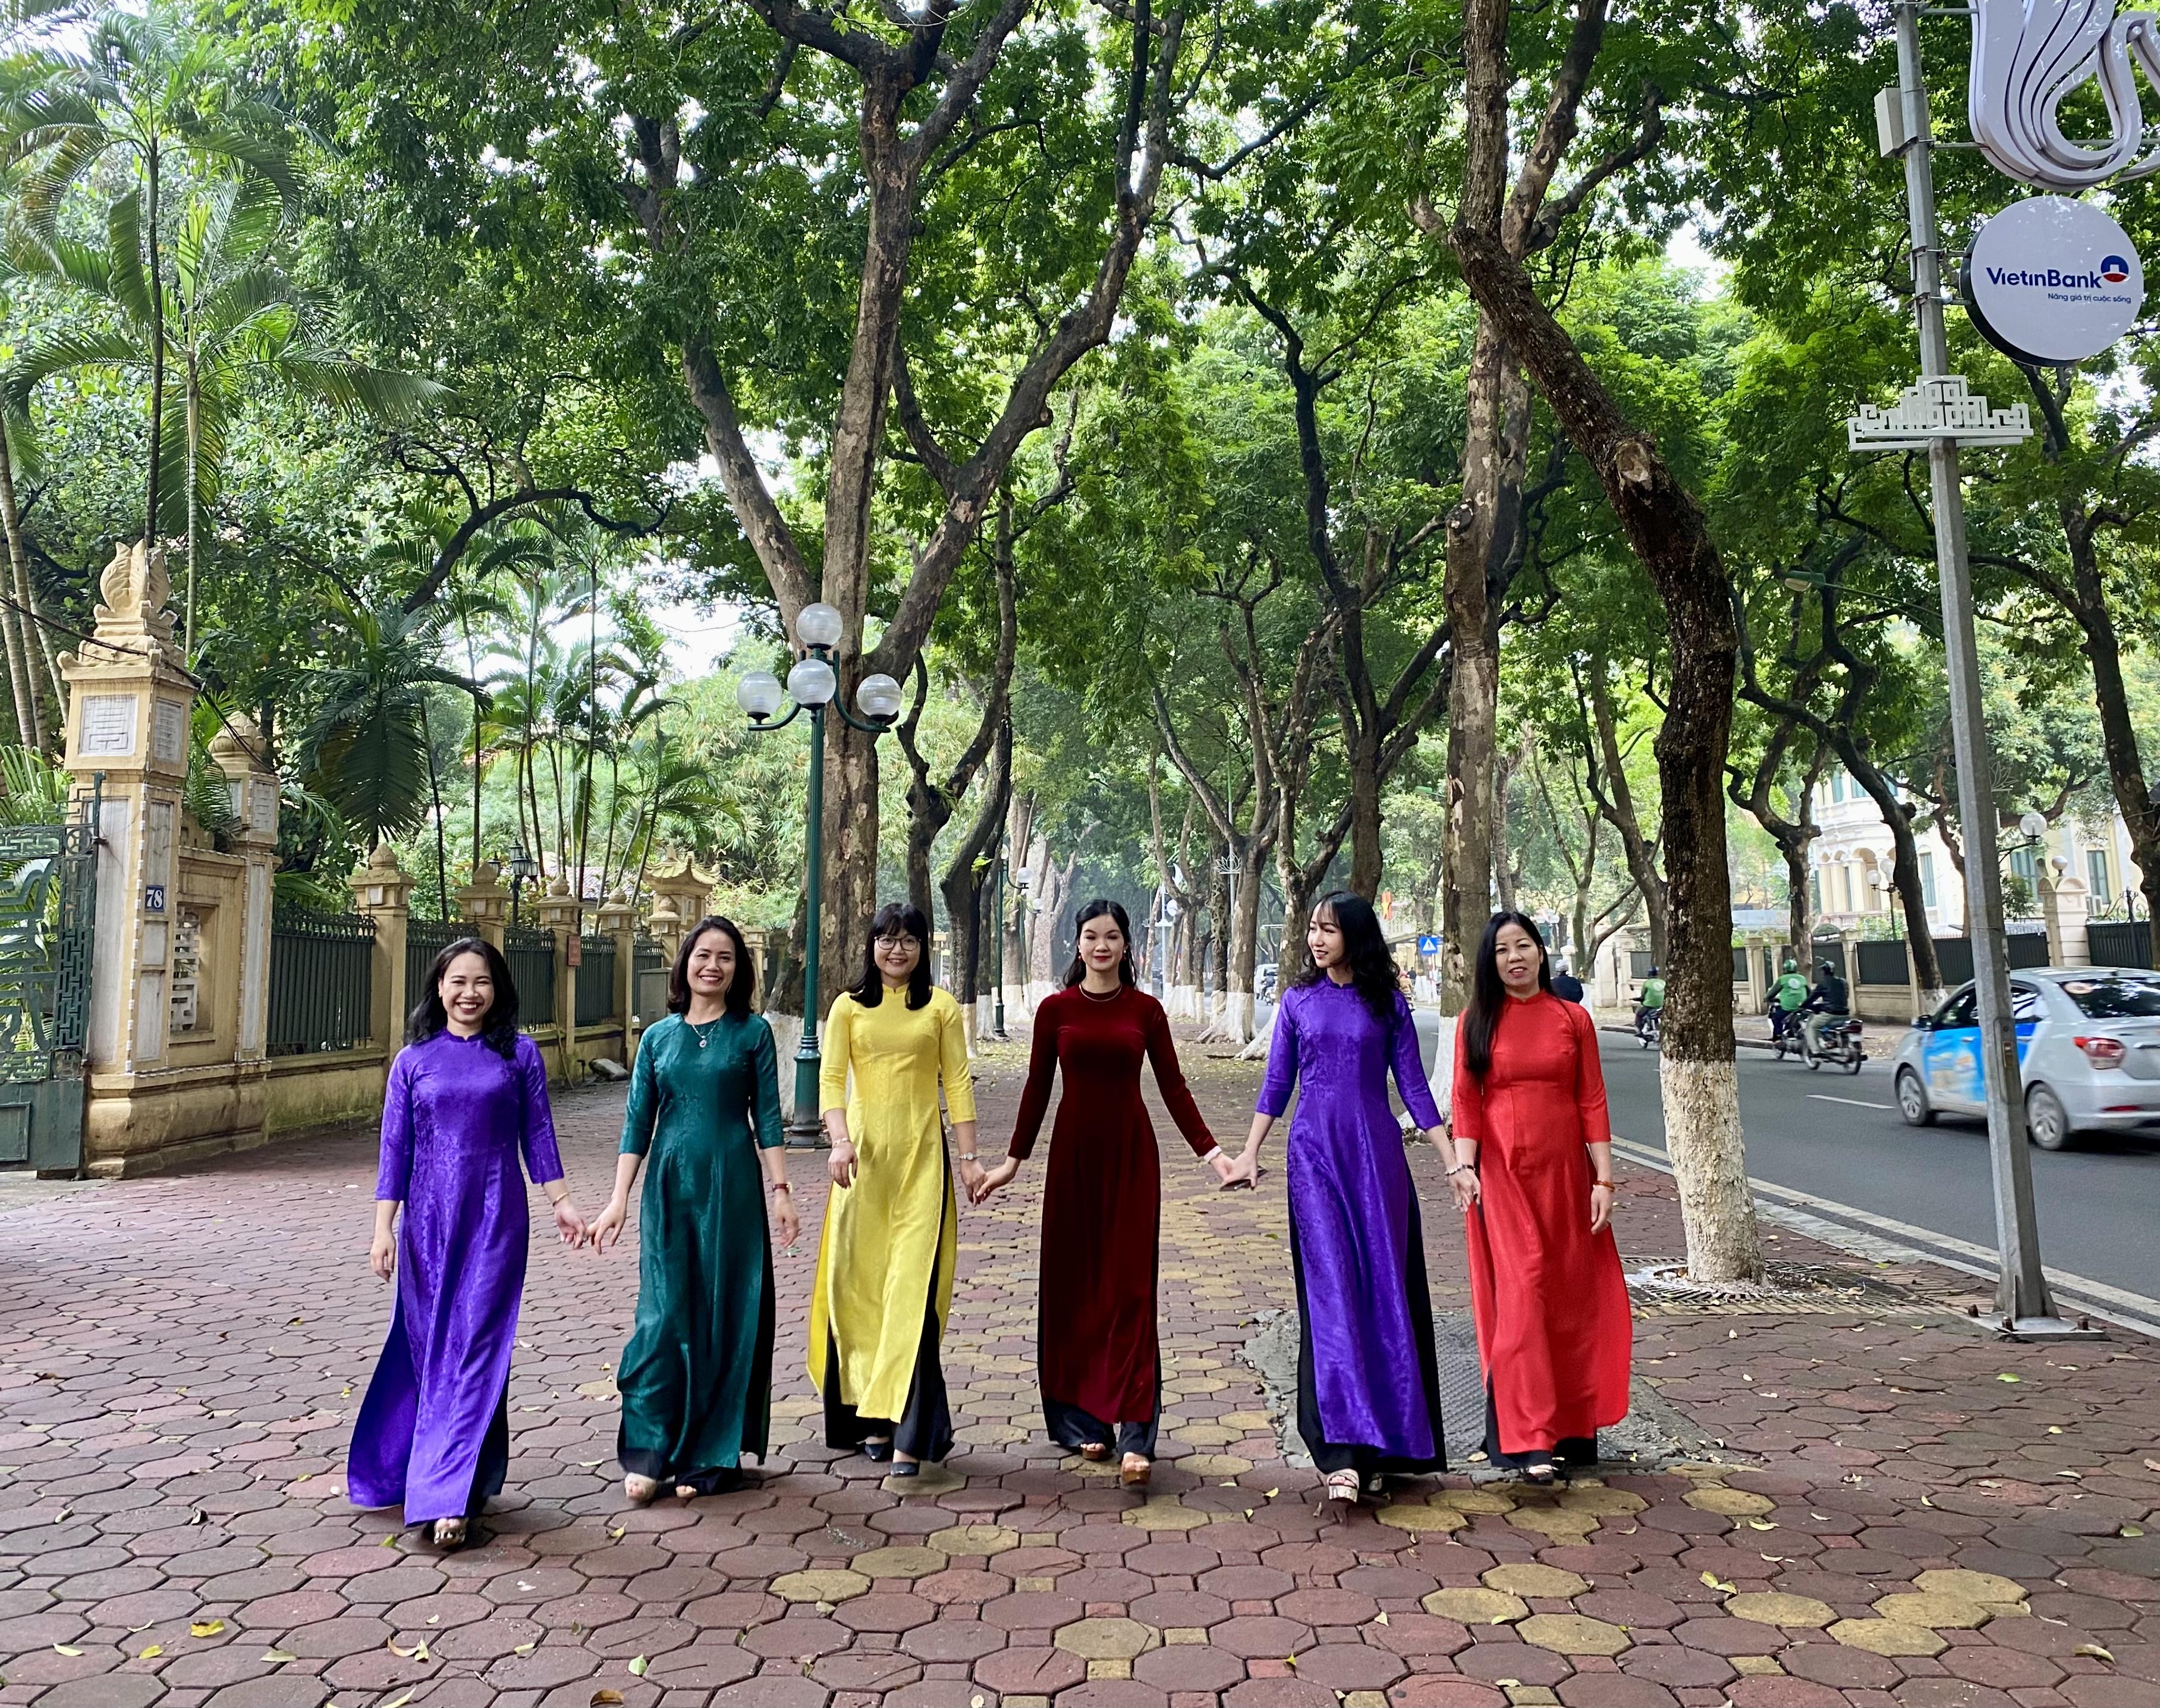 """Các chị em phụ nữ hưởng ứng """"Tuần lễ áo dài"""" trong tiết trời Xuân Hà Nội"""